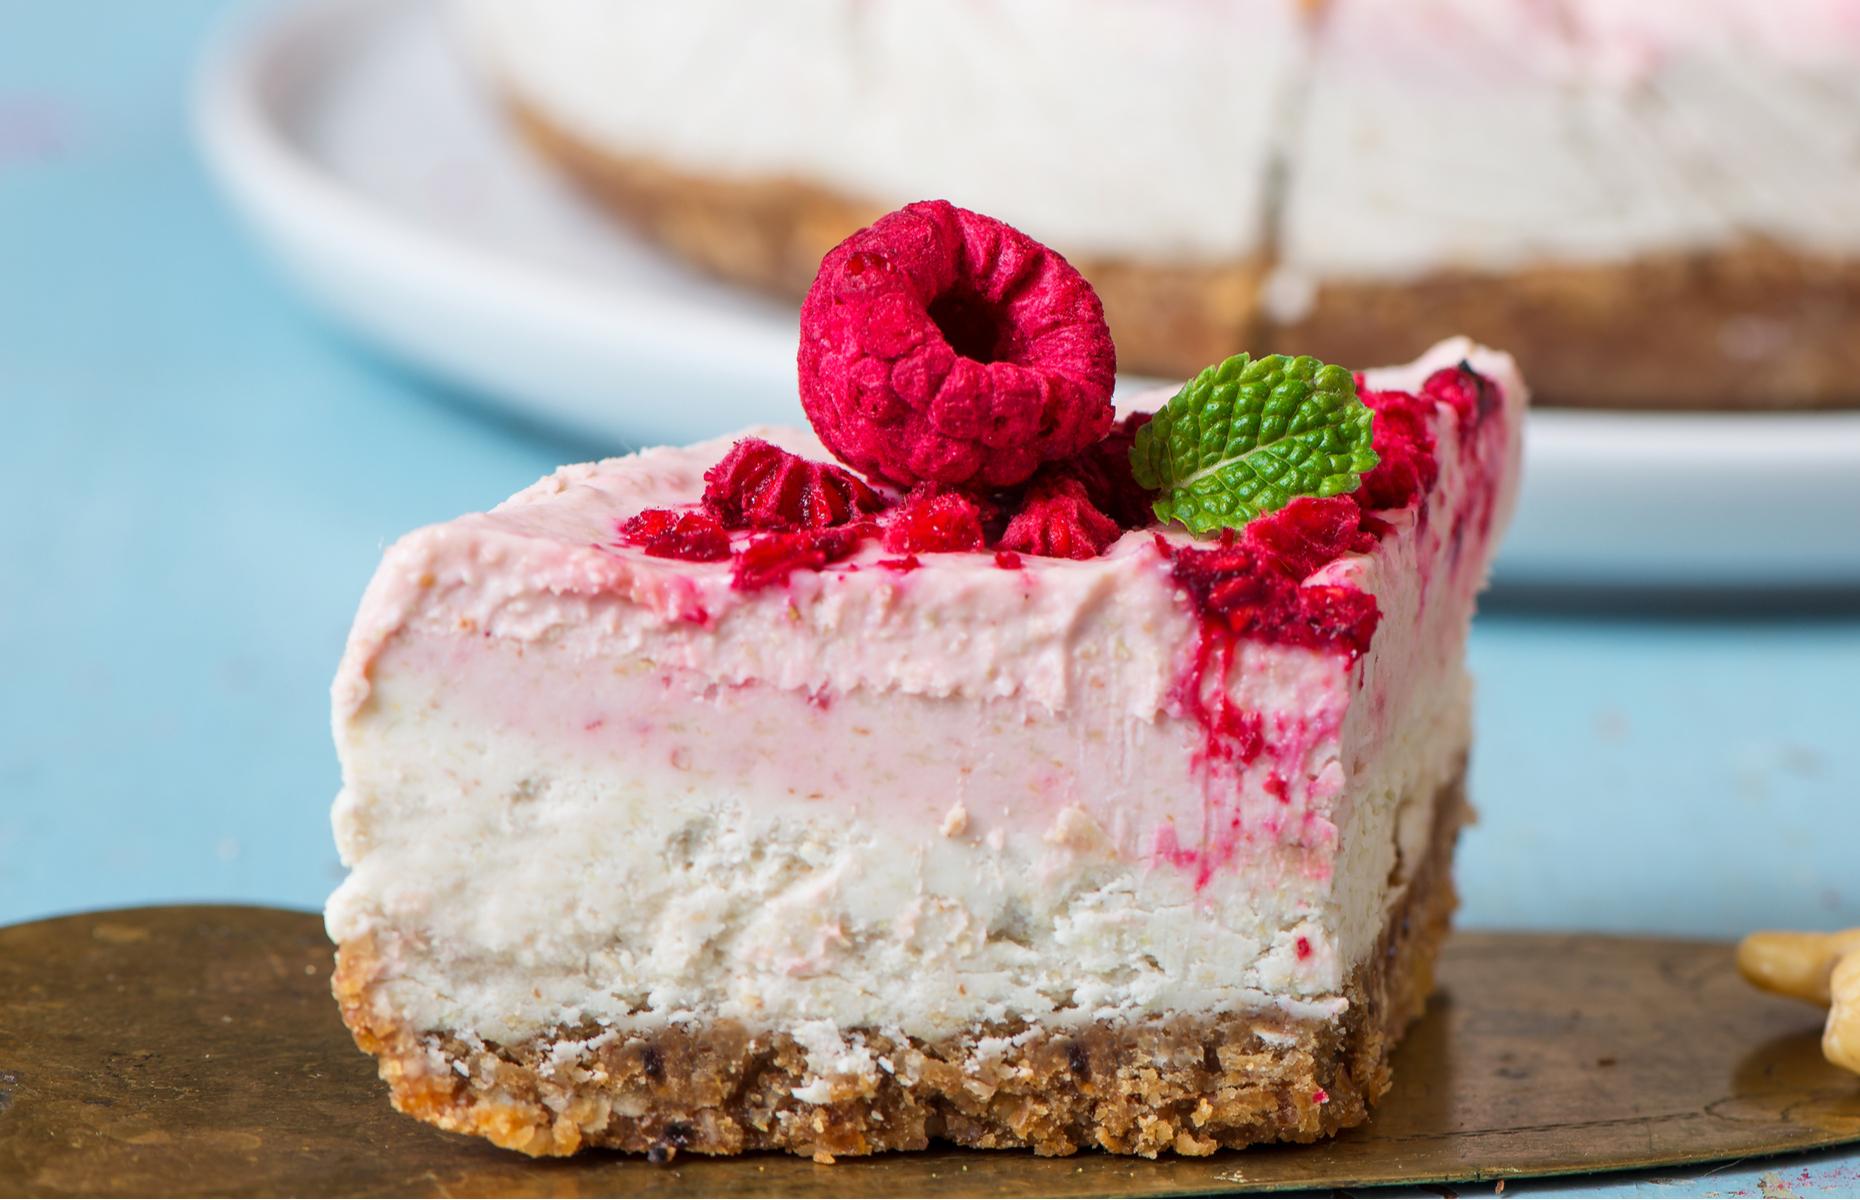 Tofu cheesecake (Image: Lanav/Shutterstock)